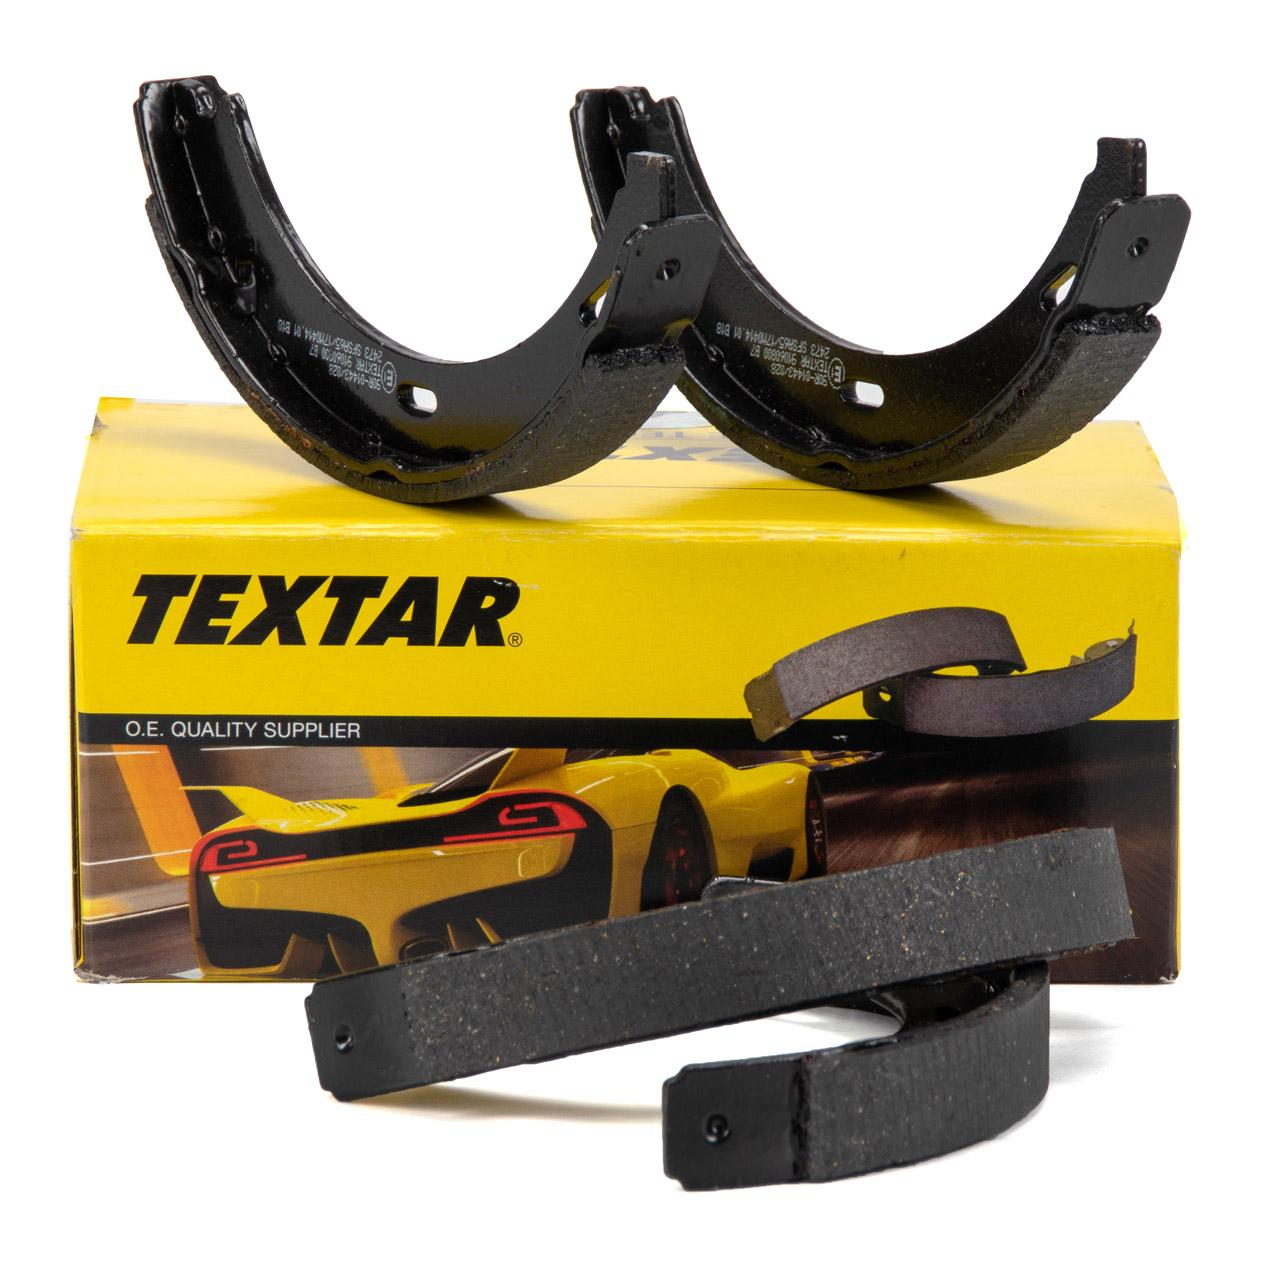 TEXTAR 91060800 Bremsbacken Satz PORSCHE 968 bis 07.1995 + Boxster (986) hinten